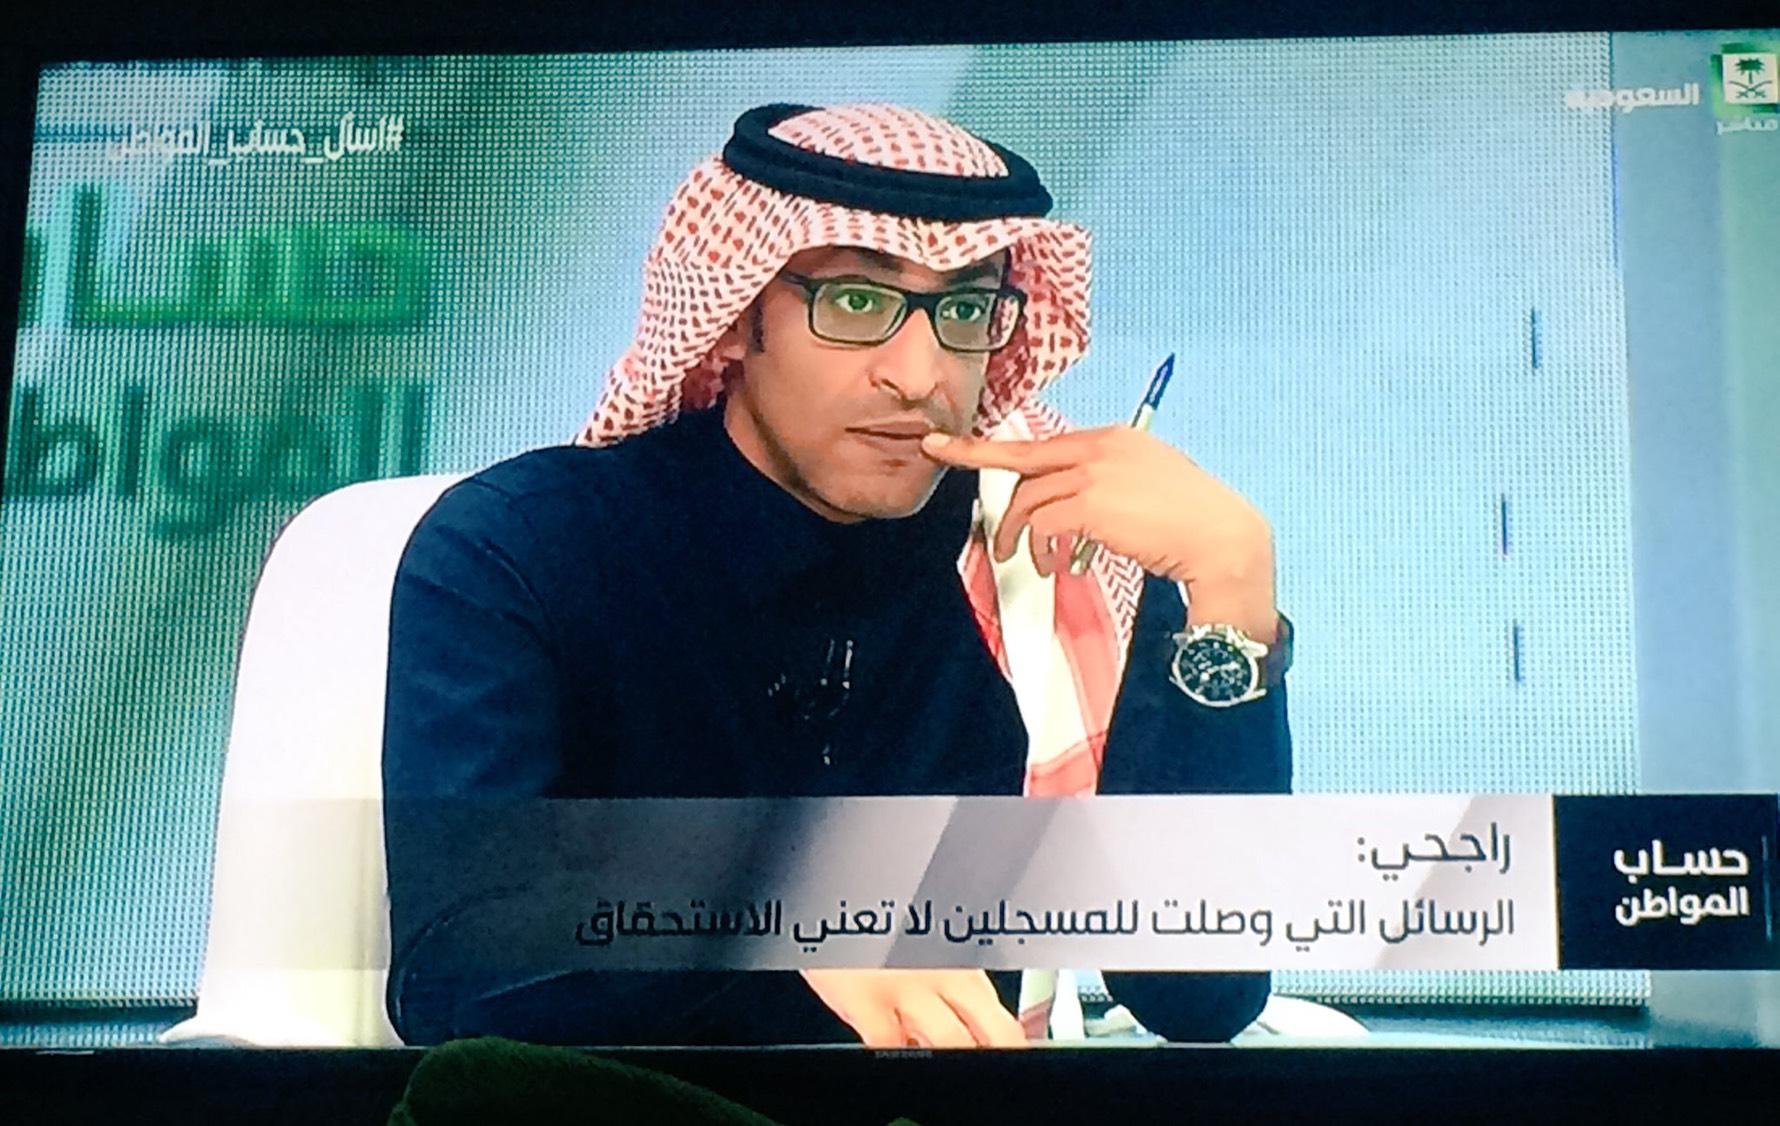 خالد مدخلي يحاصر المشرف على حساب المواطن على الهواء بحثاً ...